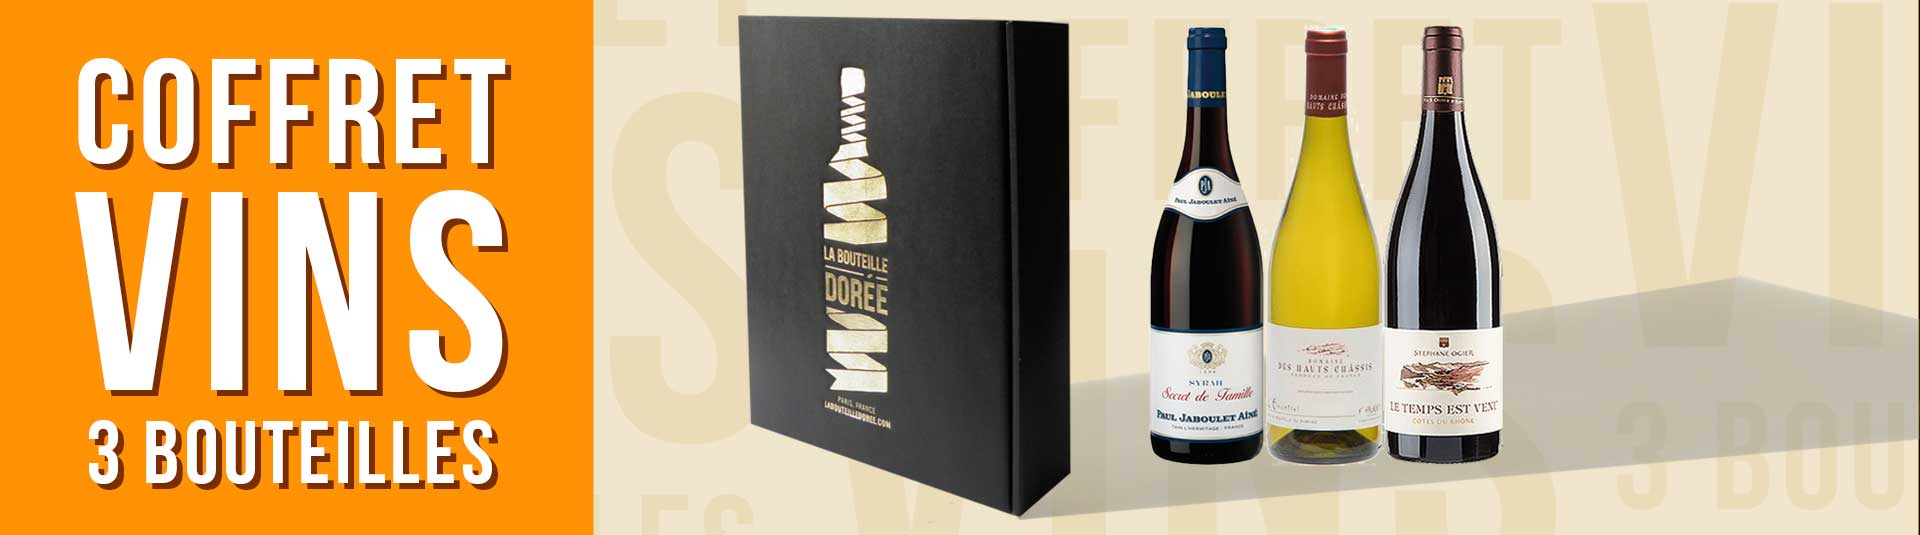 coffret vin Rhône 3 bouteilles cépages Syrah, Grenache, Marsanne et Roussanne